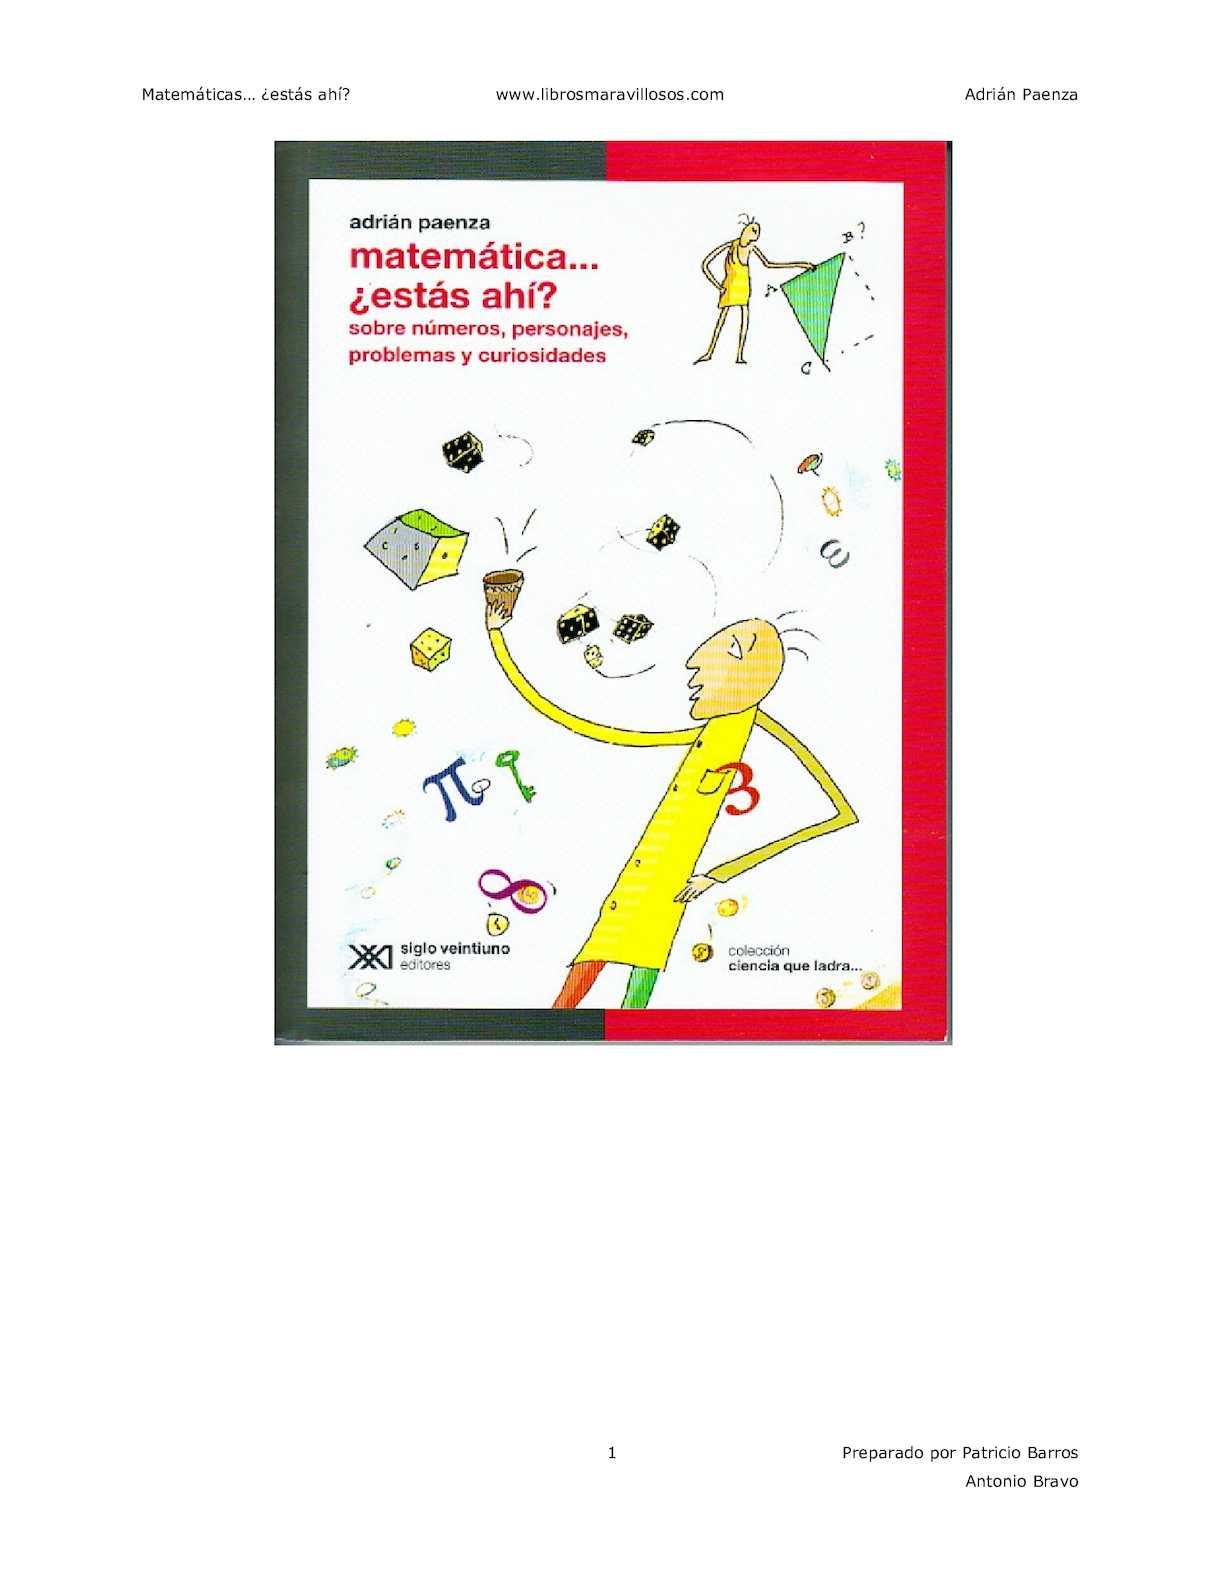 Calaméo - Matematicas Estas Ahi - Adrian Paenza